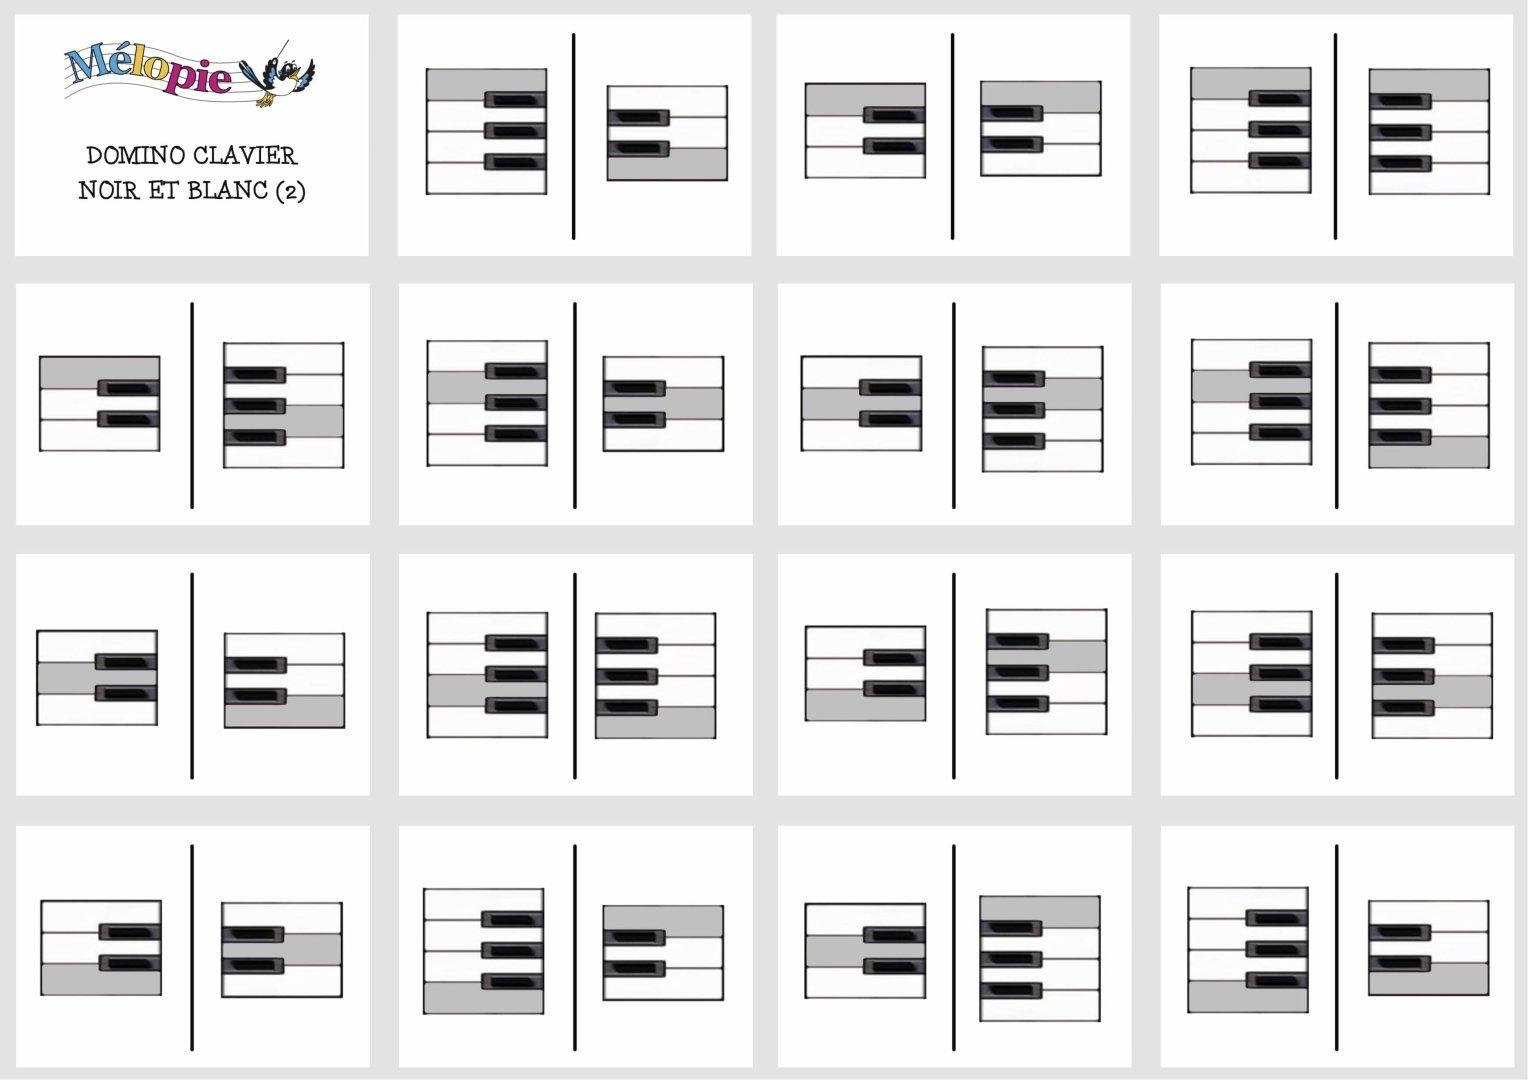 Jeux De Musique De Solfege De Piano Pour Enfants Gratuits Melopie